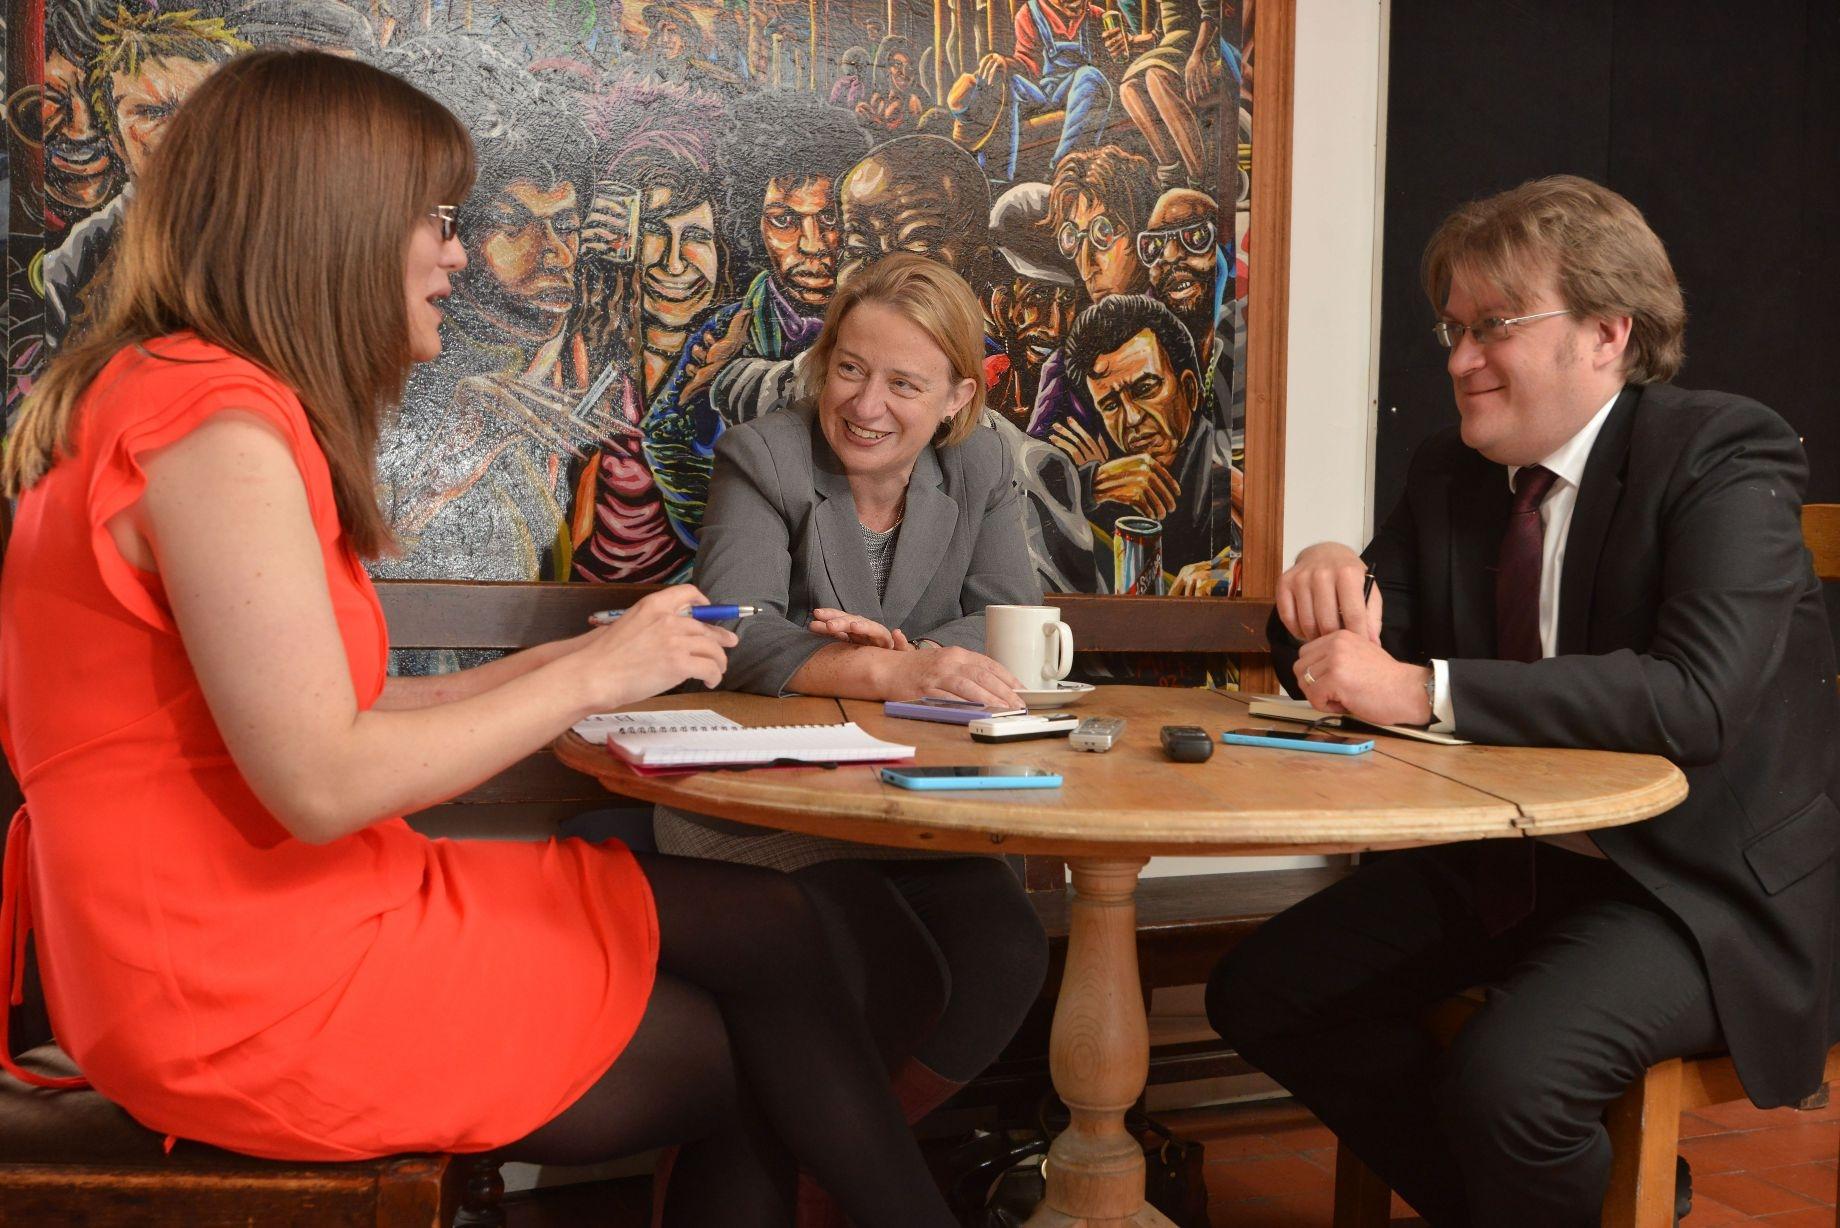 Saving the world, taking on Putin and mind-blanks: Metro talks to Natalie Bennett